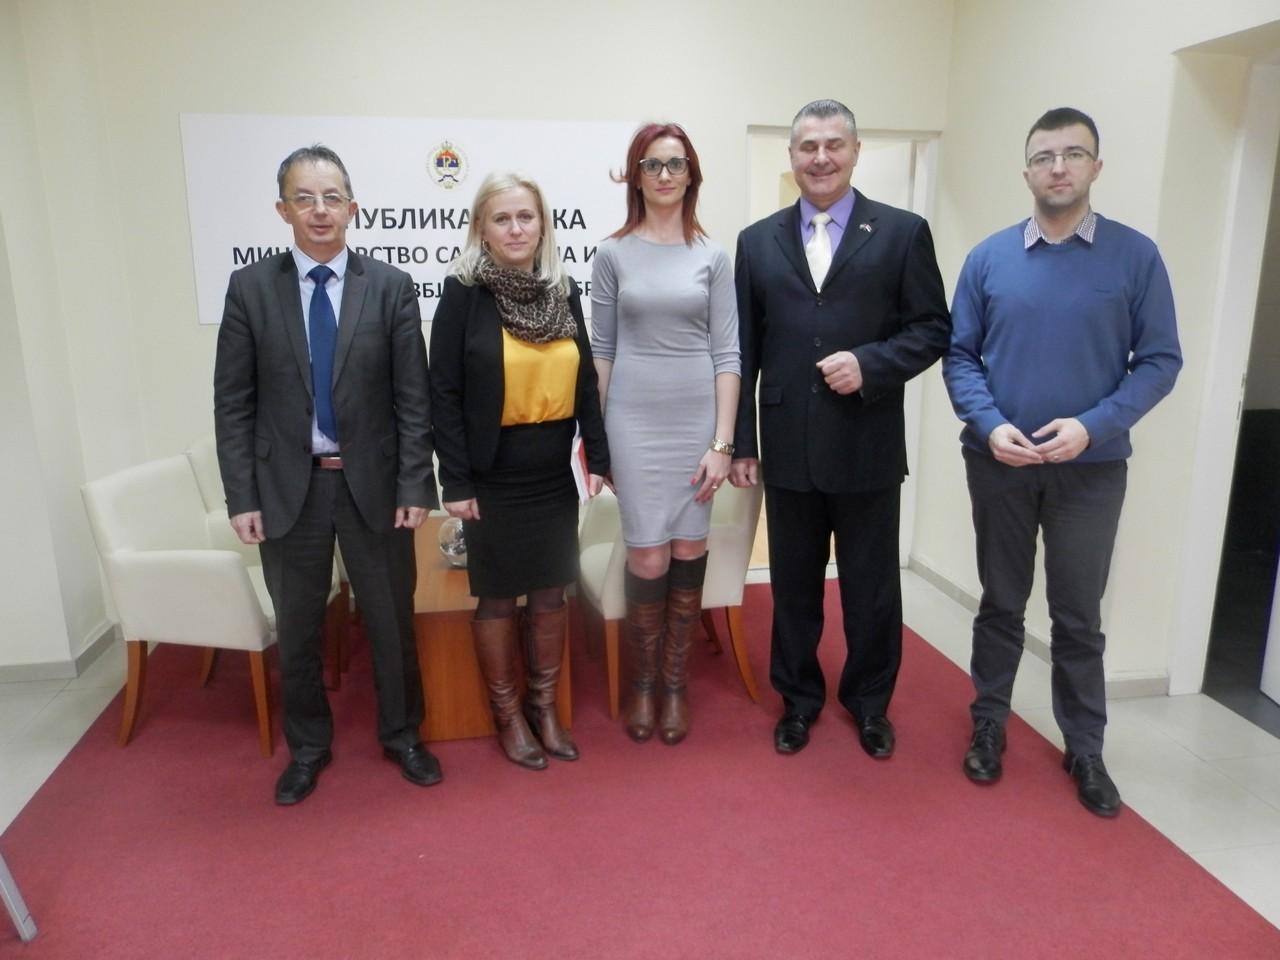 У Агенцији одржан састанак са представницима Мото клуба Безбједност Бања Лука и Мото клуба Безбедност Србија